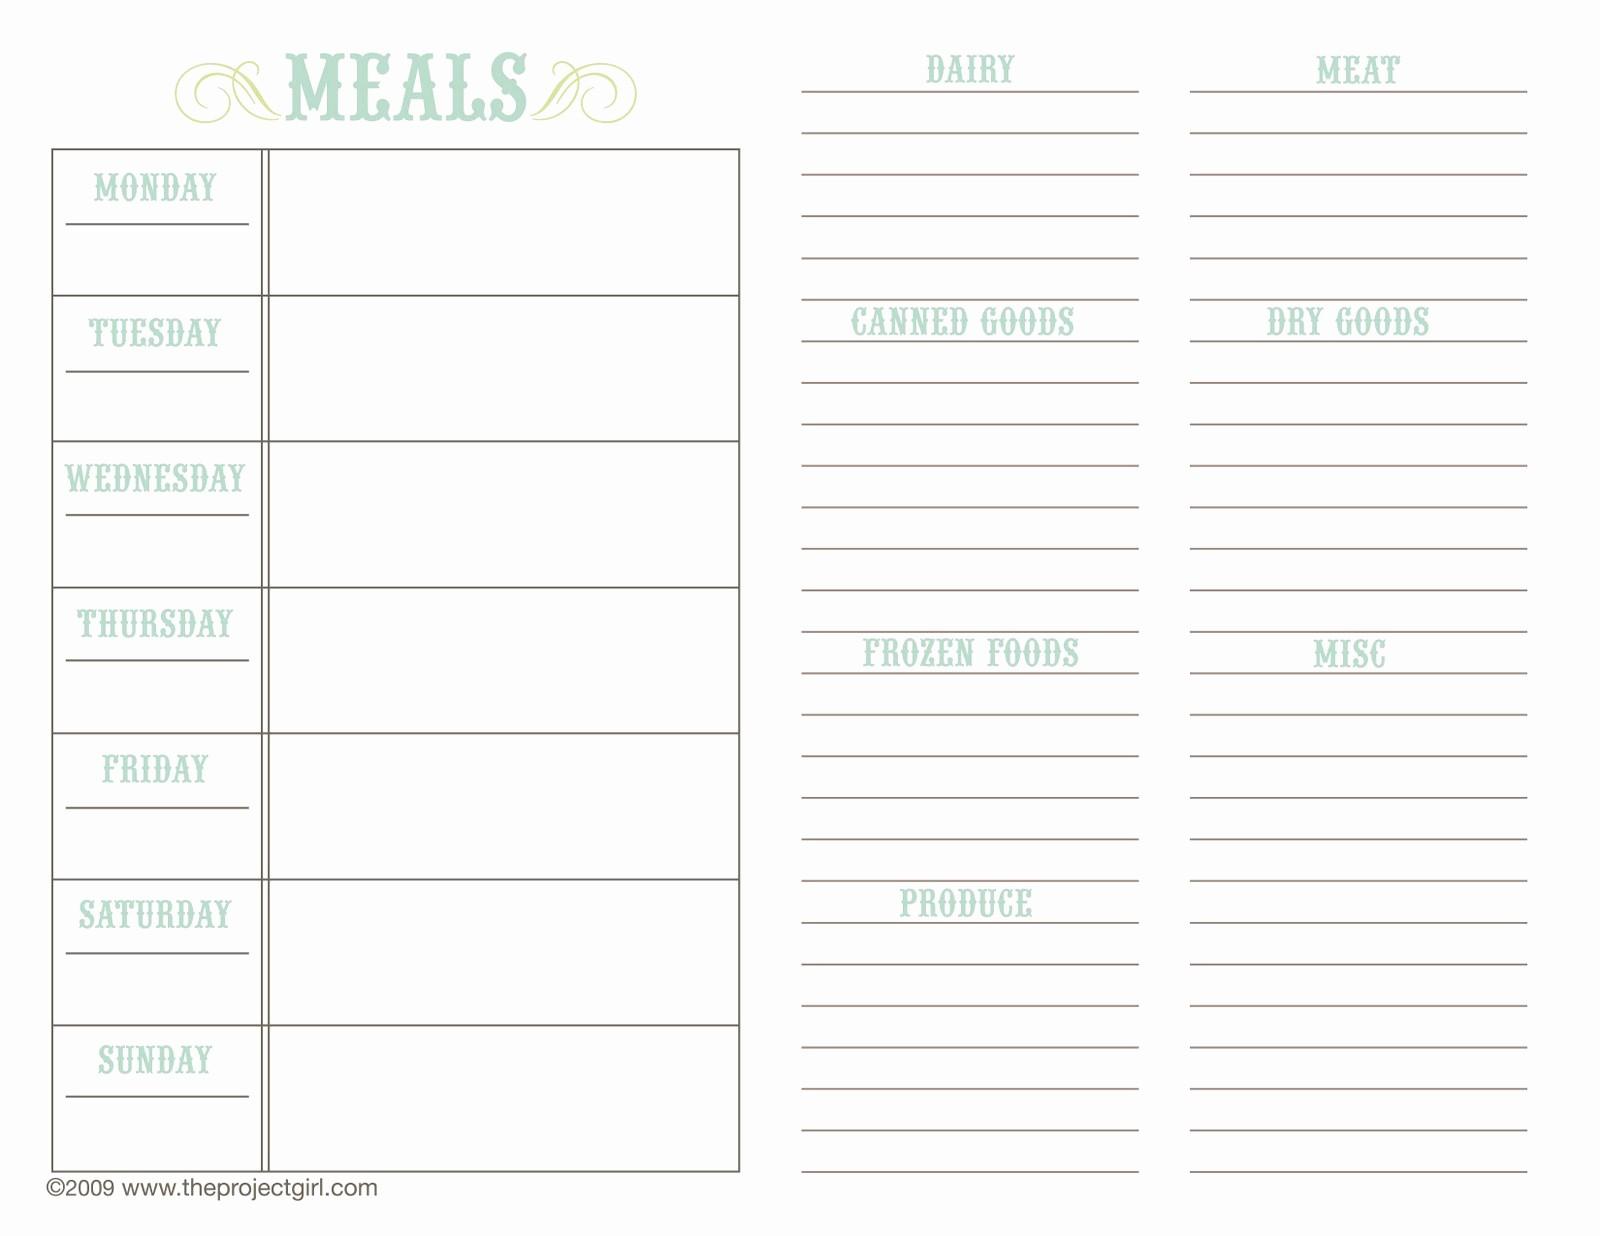 Weekly Meal Planner Templates Free Elegant Weekly Meal Planner Template Beepmunk